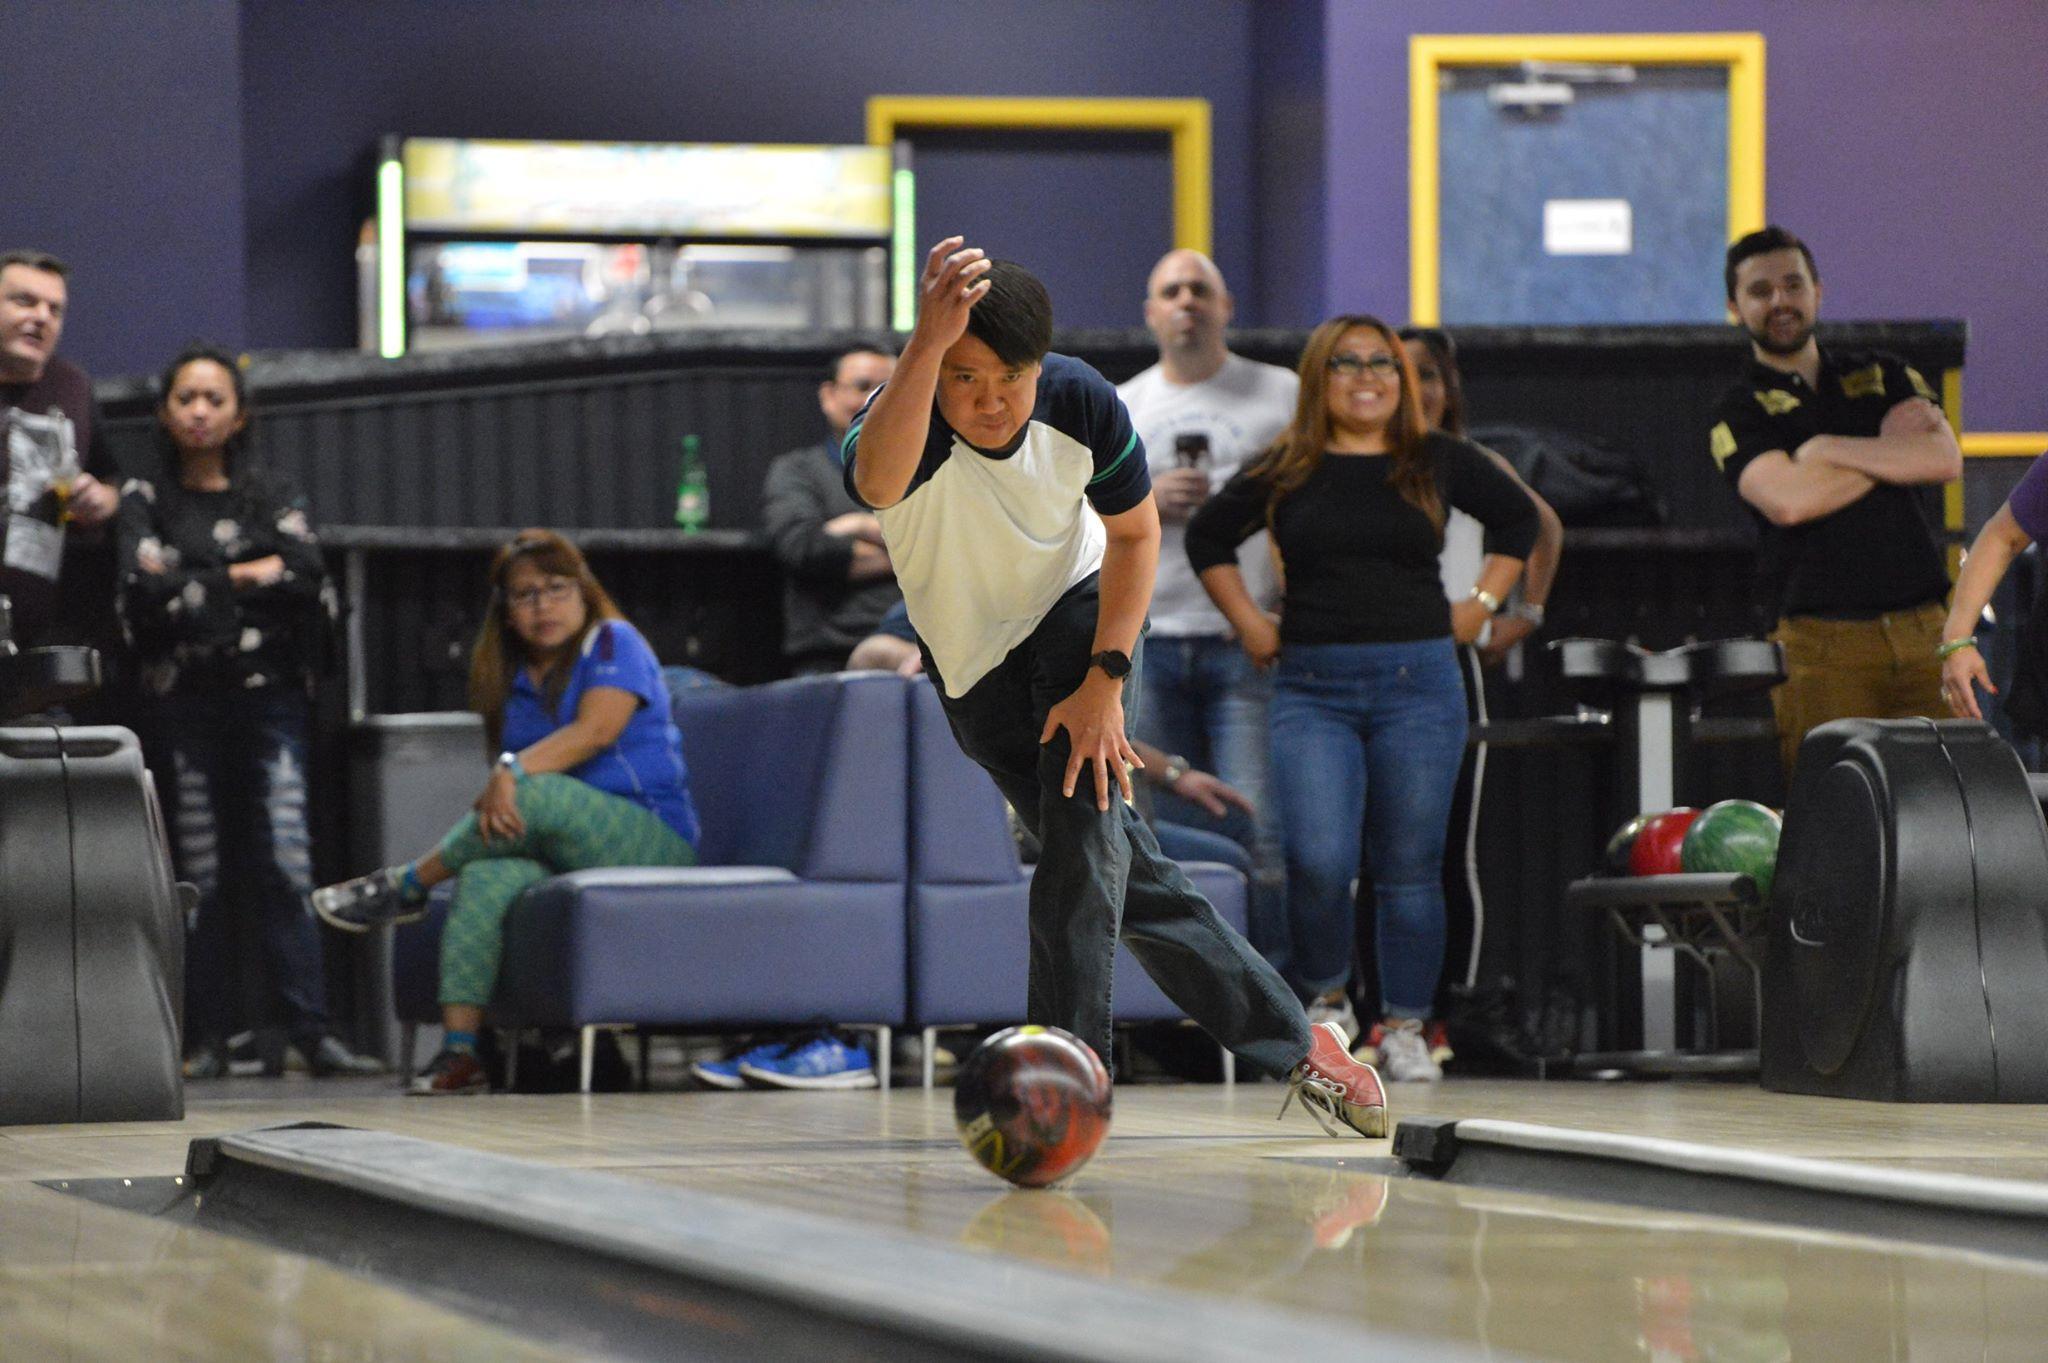 cisc-bowling-fun-2018-10